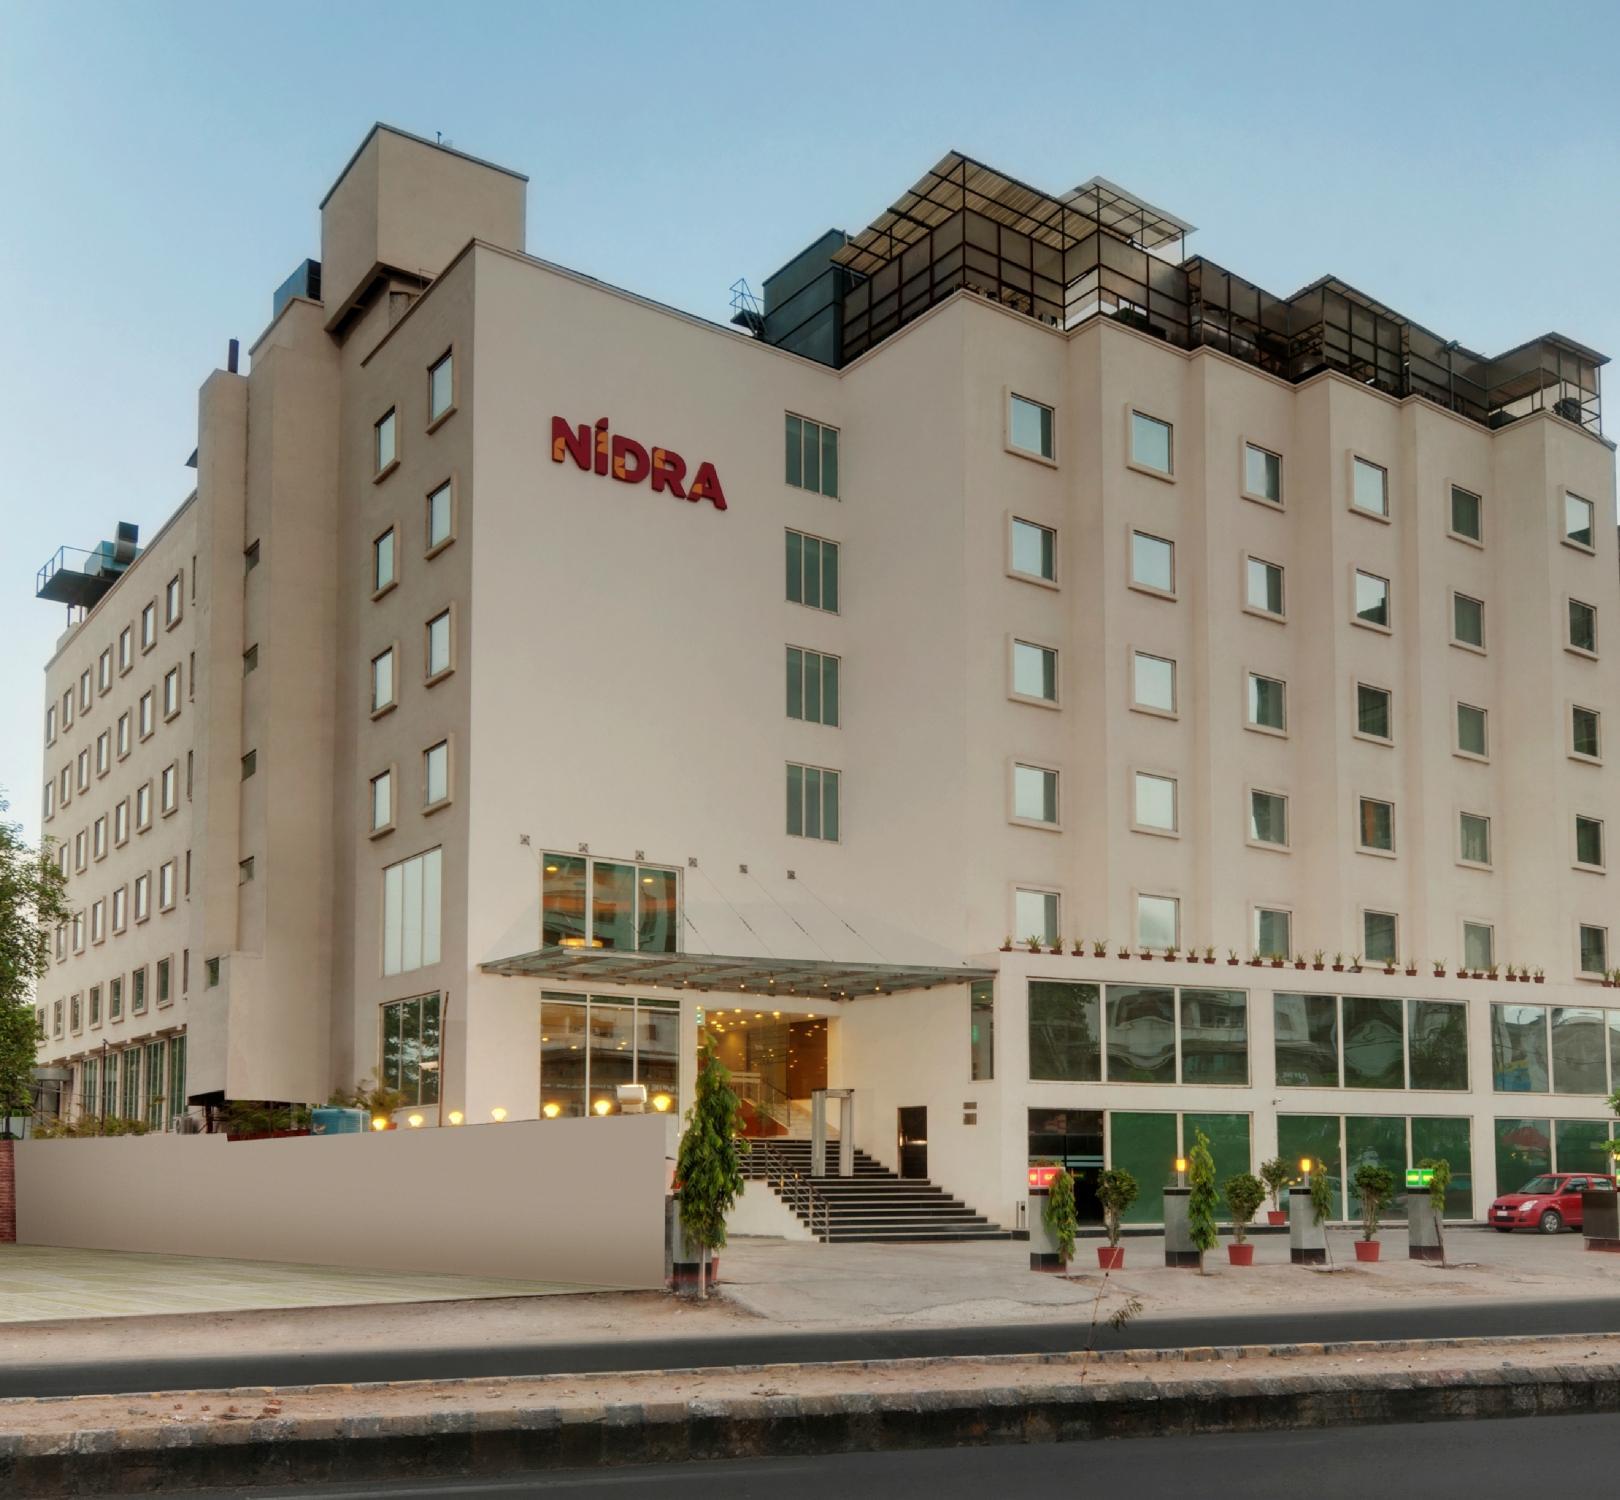 Nidra Hotel Vadodara